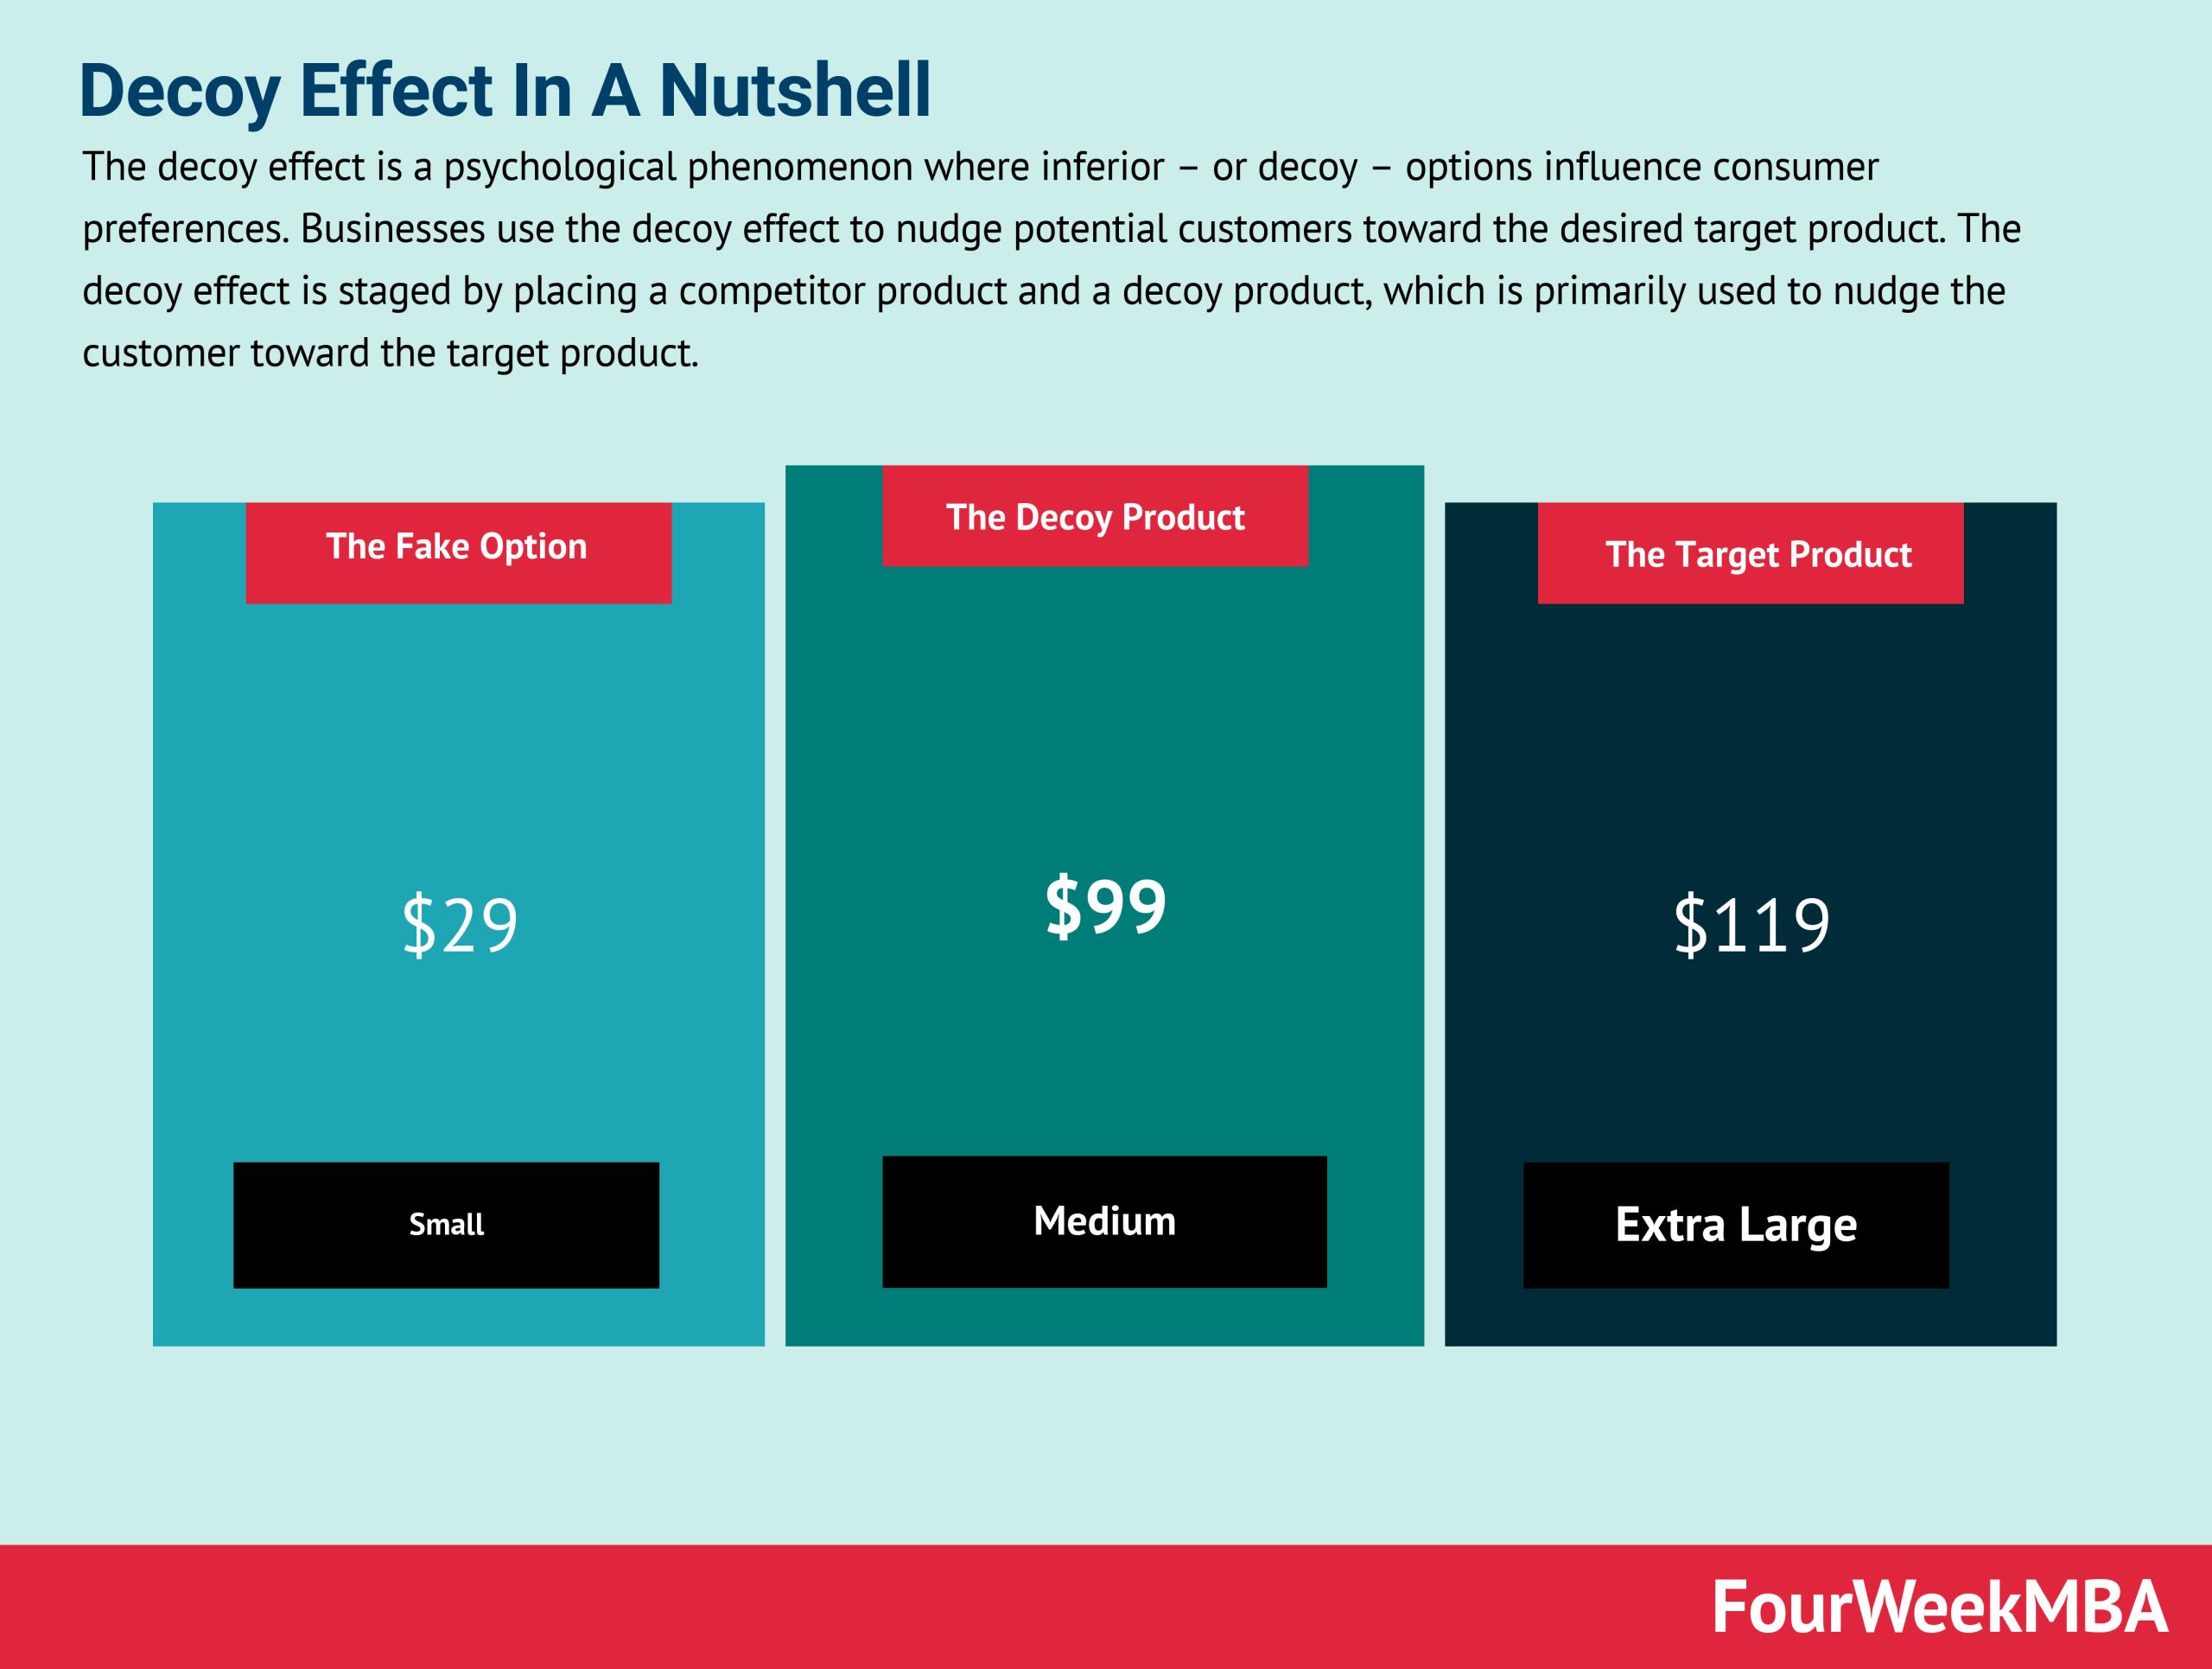 Decoy Effect In A Nutshell